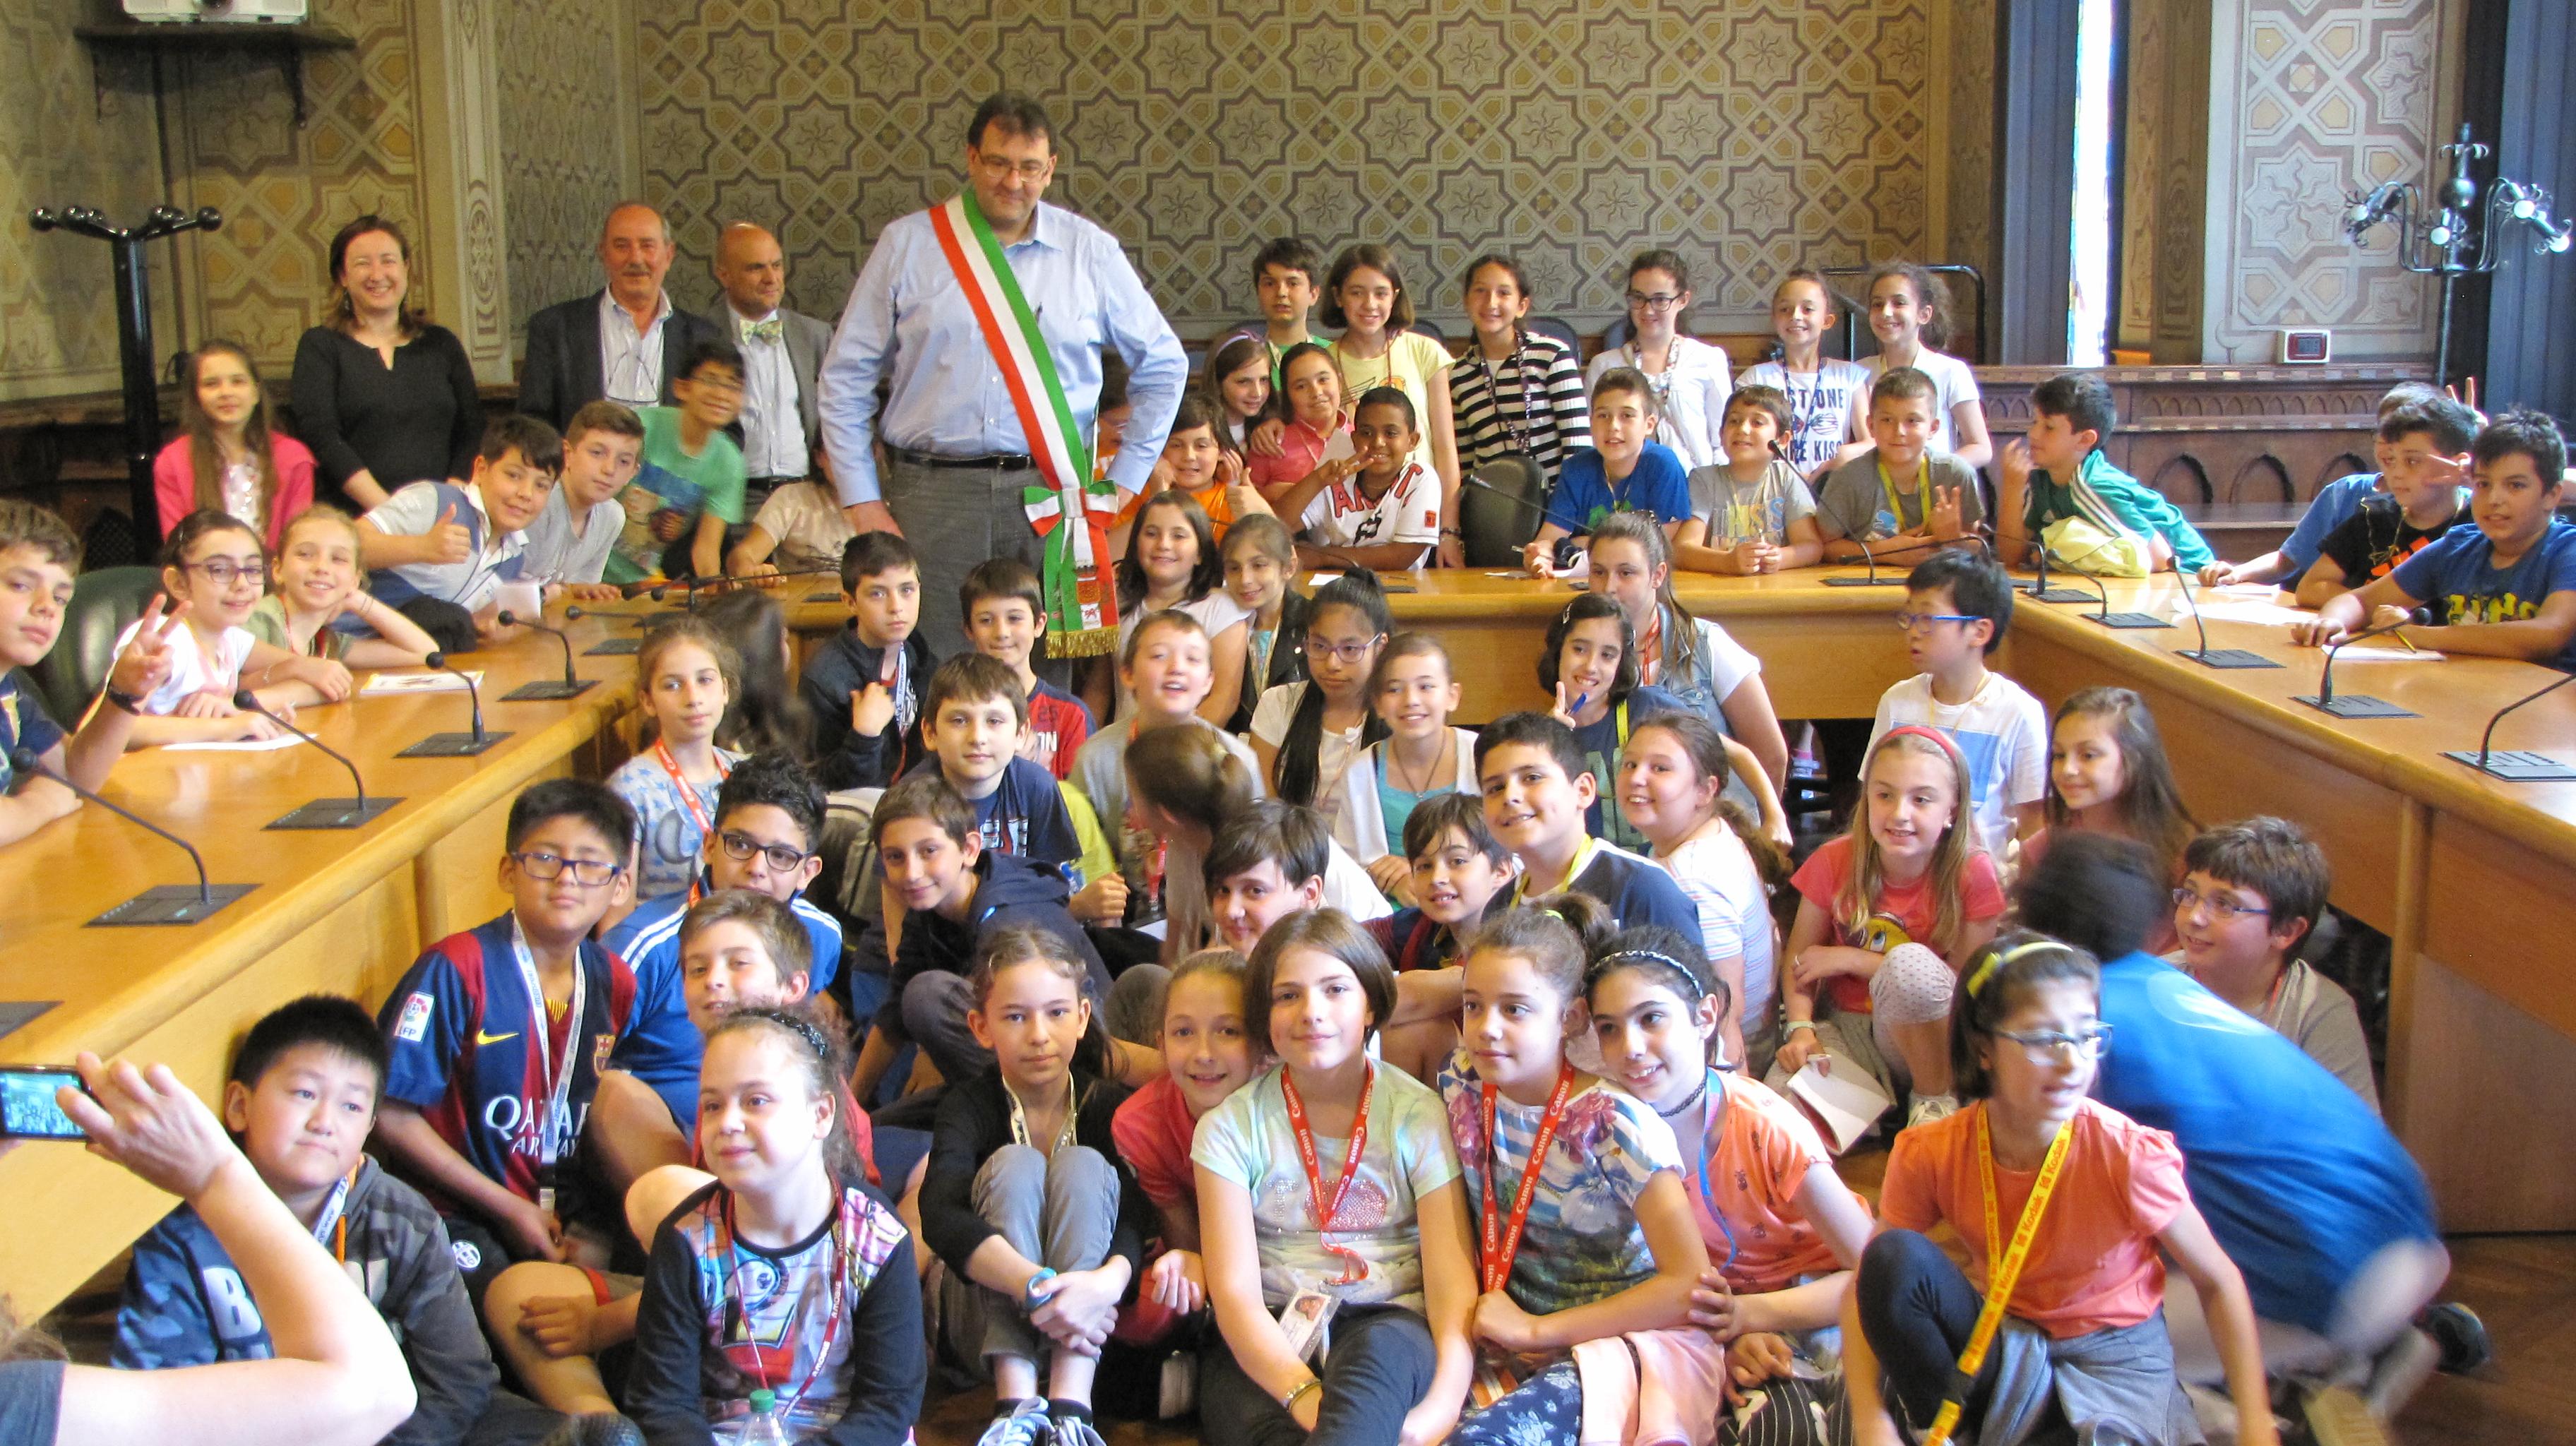 Gli alunni della scuola Anna Frank fanno visita al Sindaco